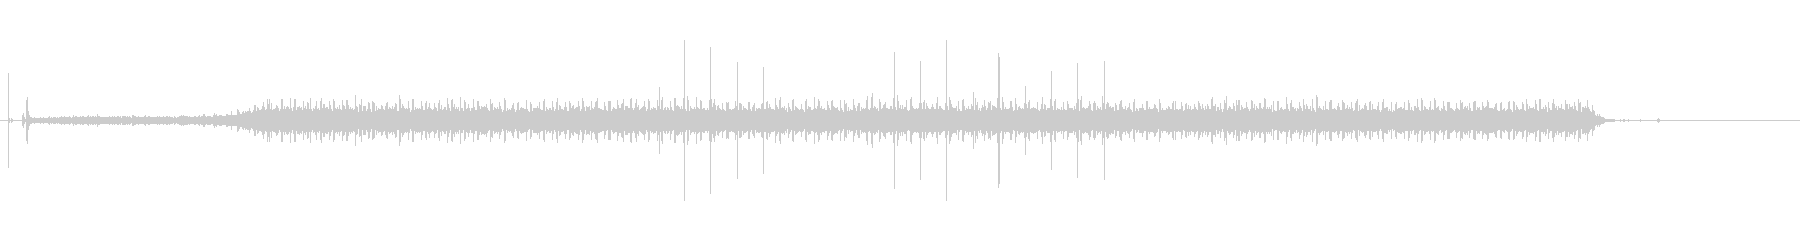 ハイデルベルククラスプリンタープリ...の未再生の波形